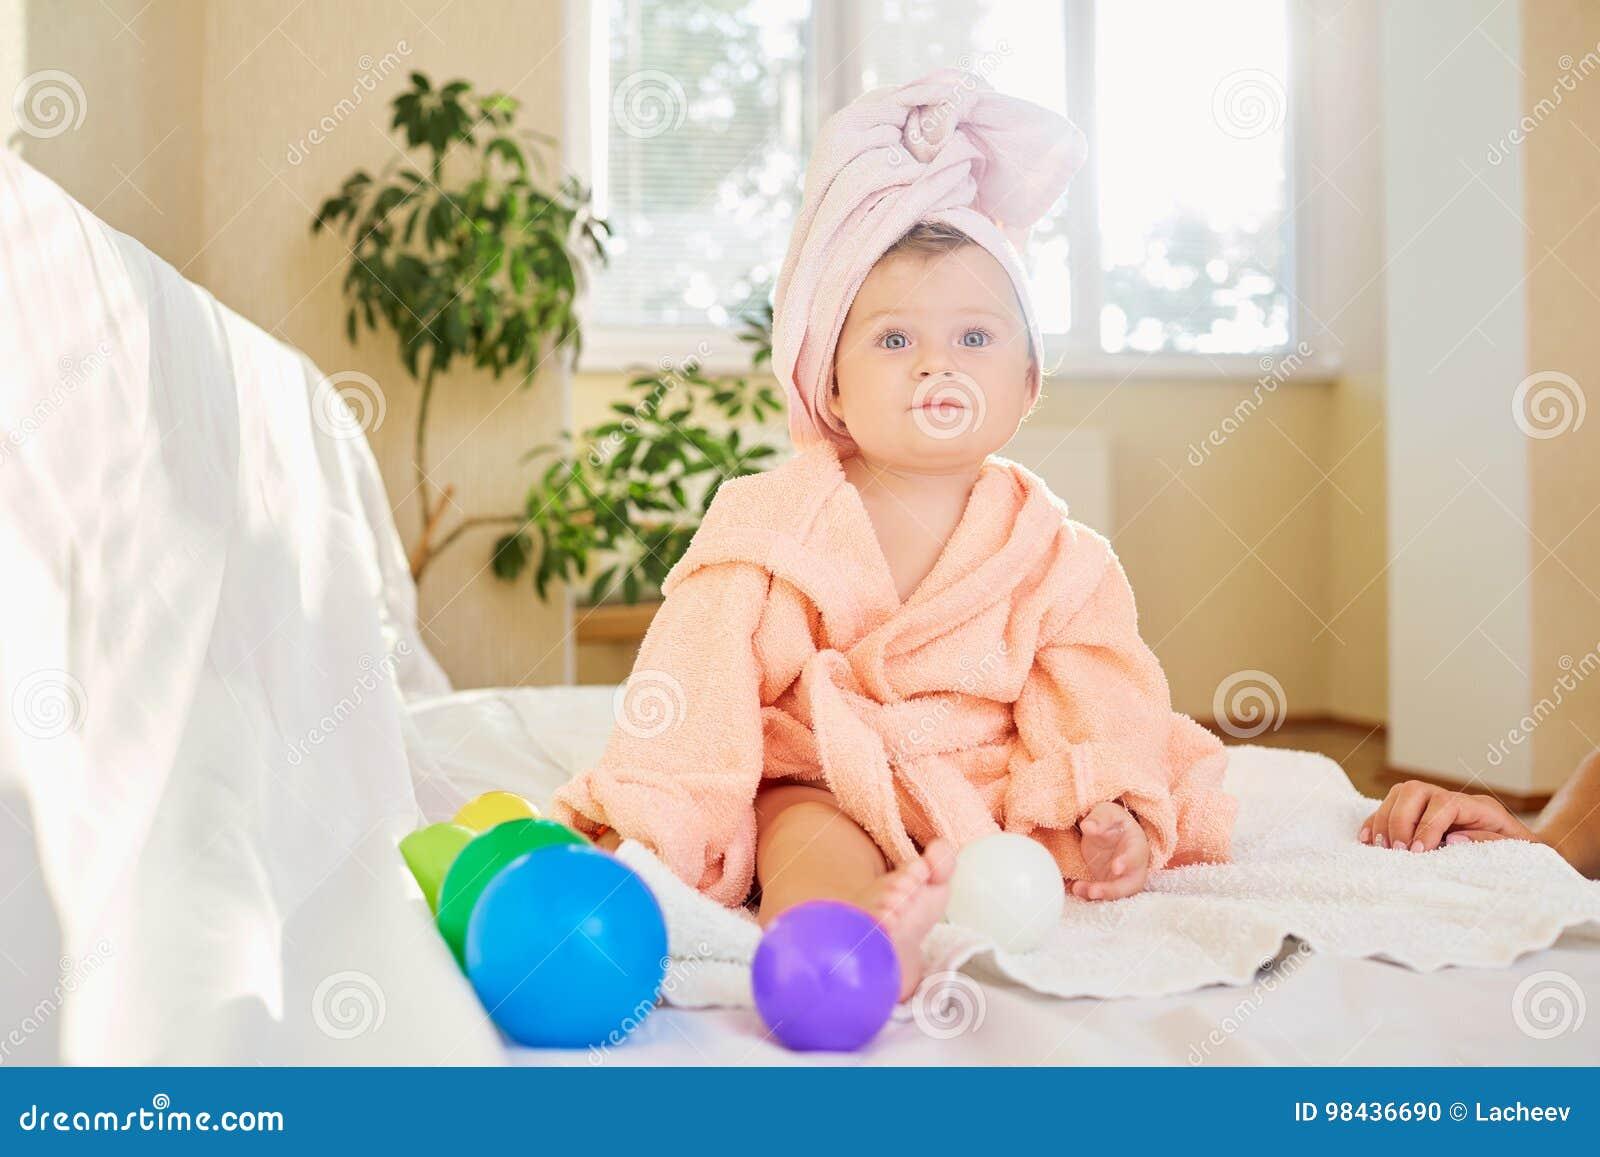 Babykind in de badjas en handdoek op zijn hoofd na het baden I